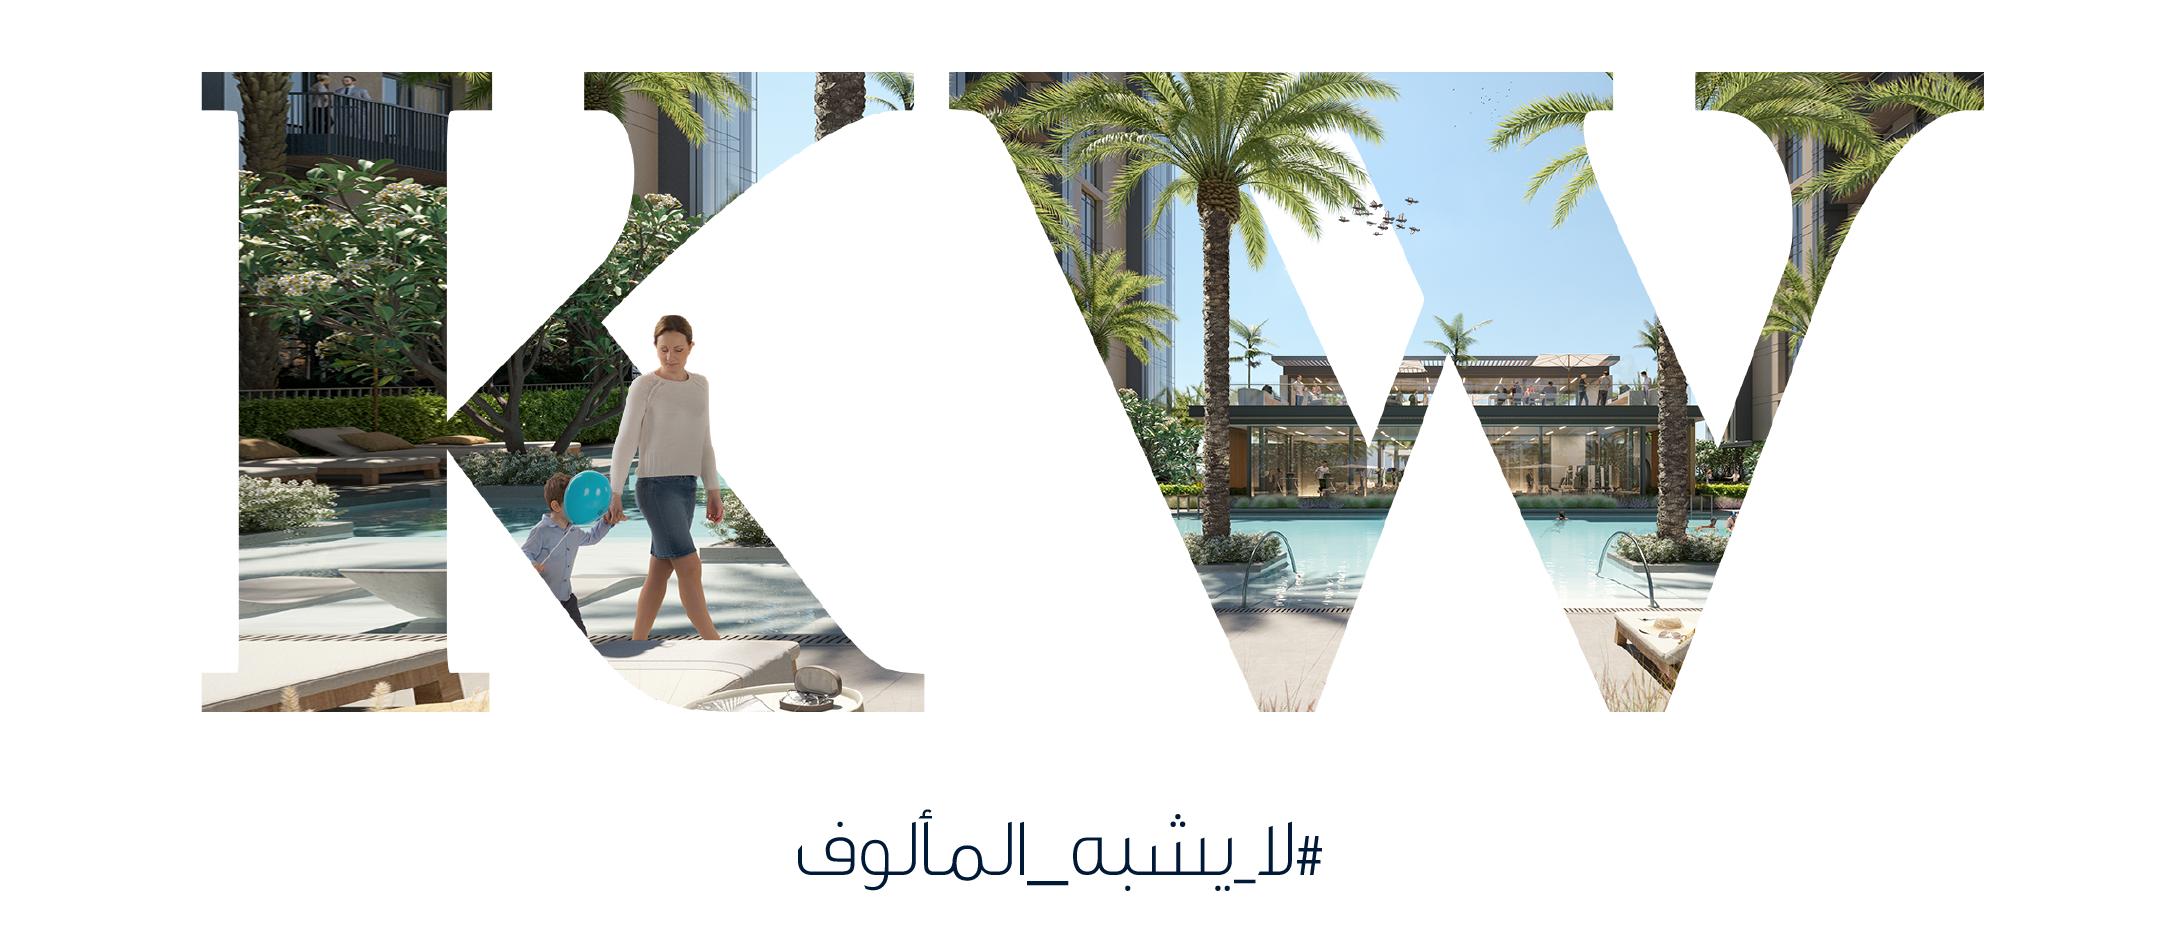 إلينغتون العقارية تكشف النقاب عن مشروع سكني جديد يركز على العافية في مدينة محمد بن راشد آل مكتوم